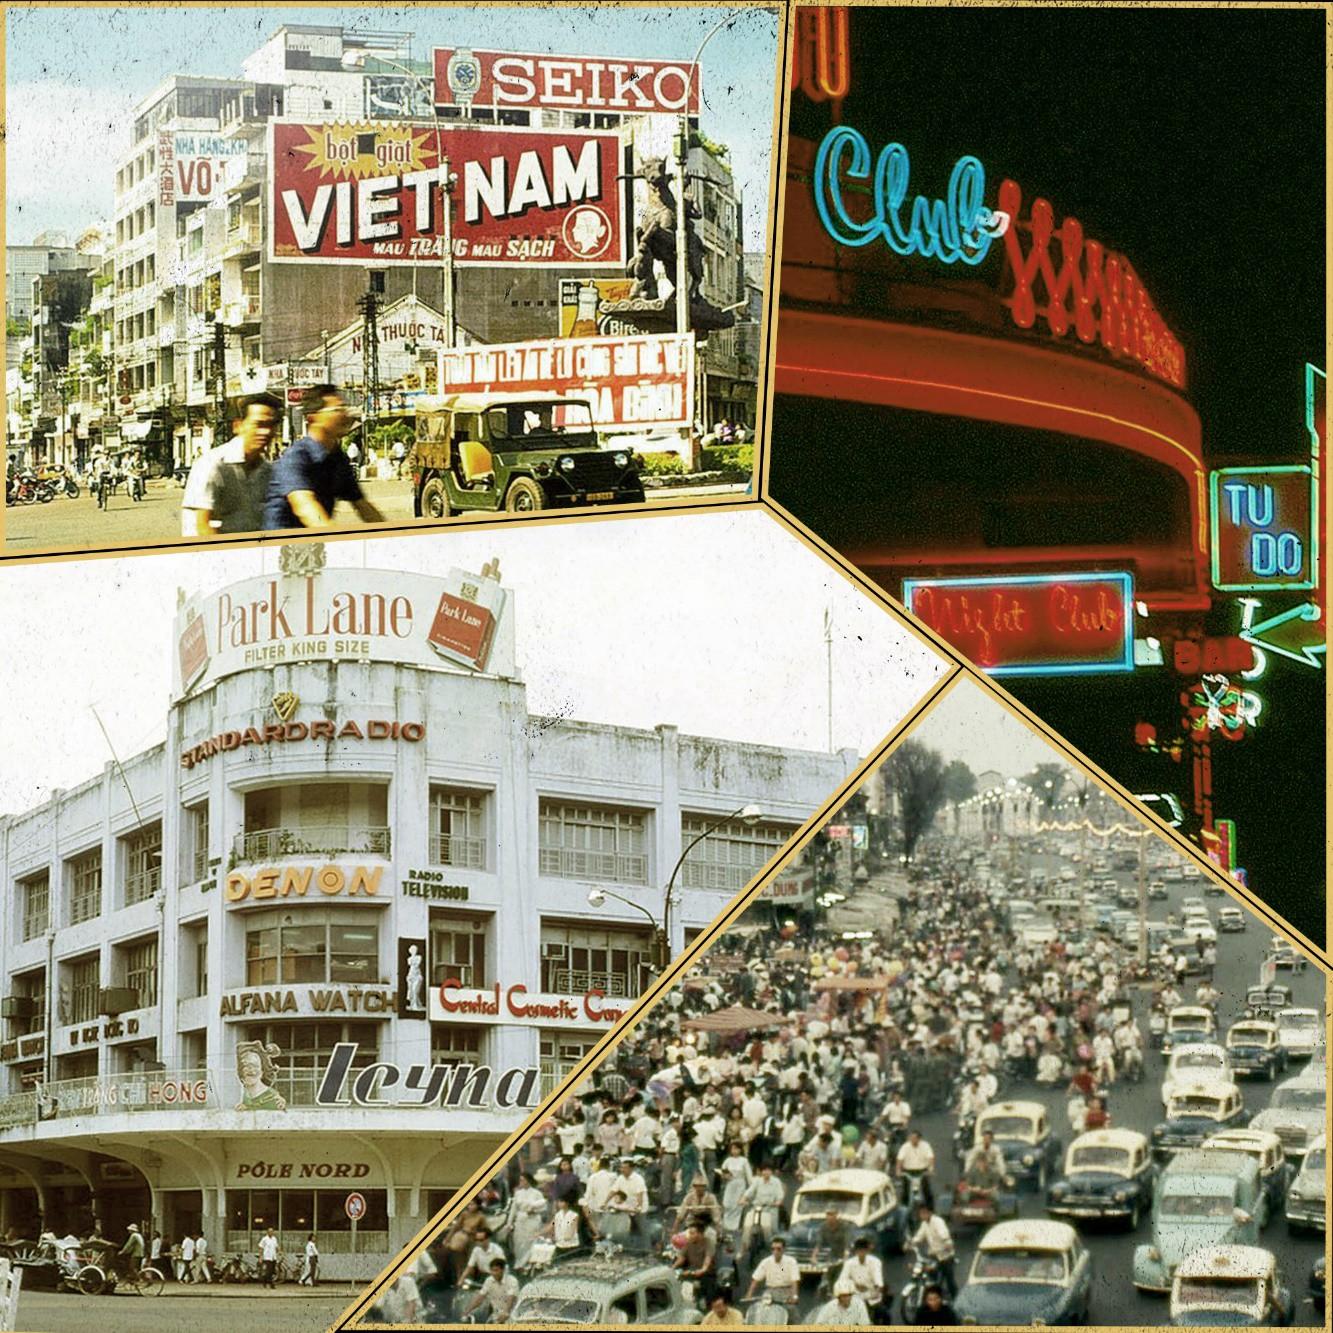 Xưa và nay, sống trọn một ngày bằng hơi thở Sài Gòn - Ảnh 5.